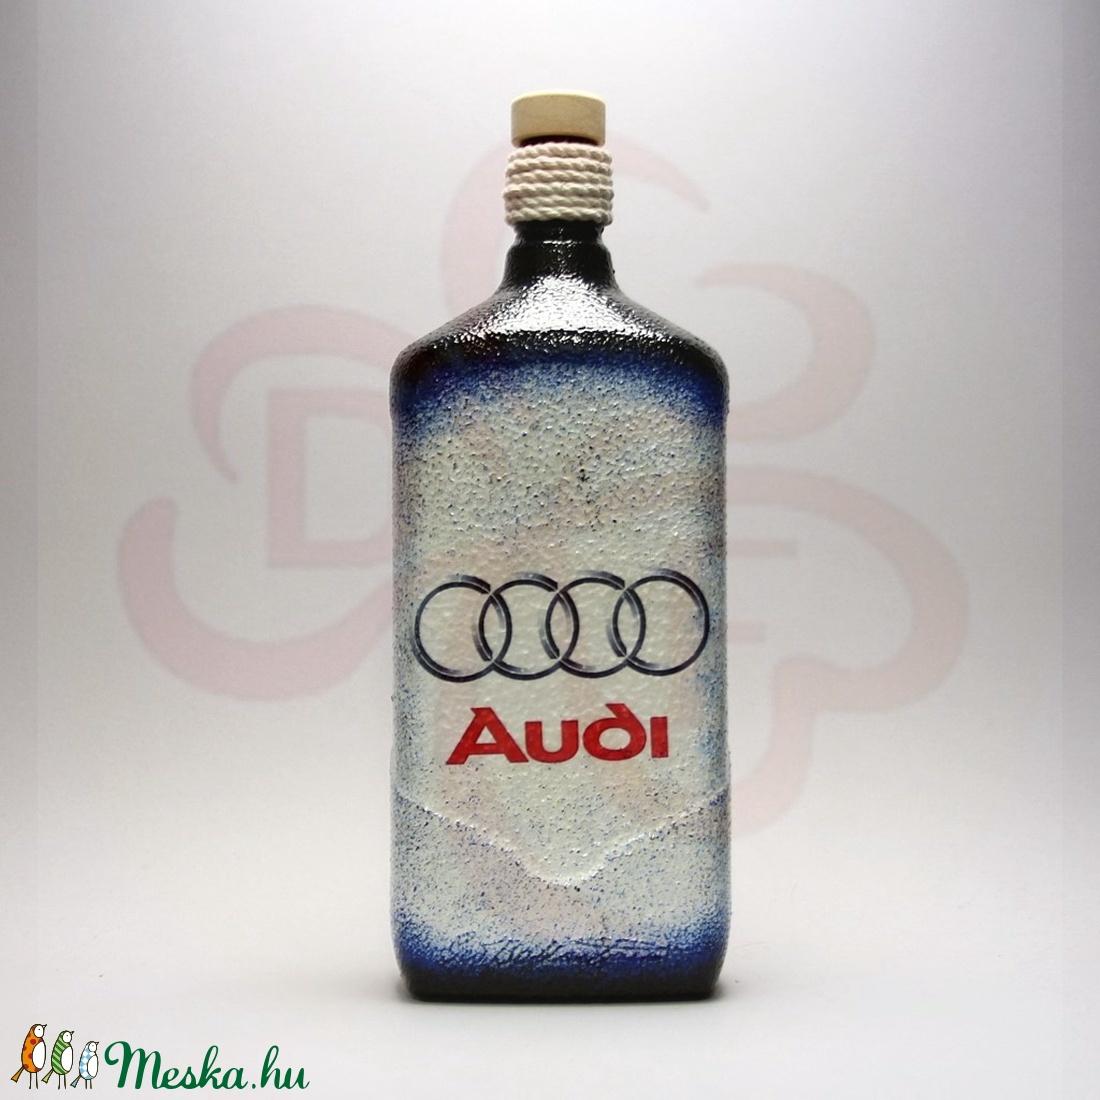 Audi pálinkás üveg audi rajongóknak - Meska.hu